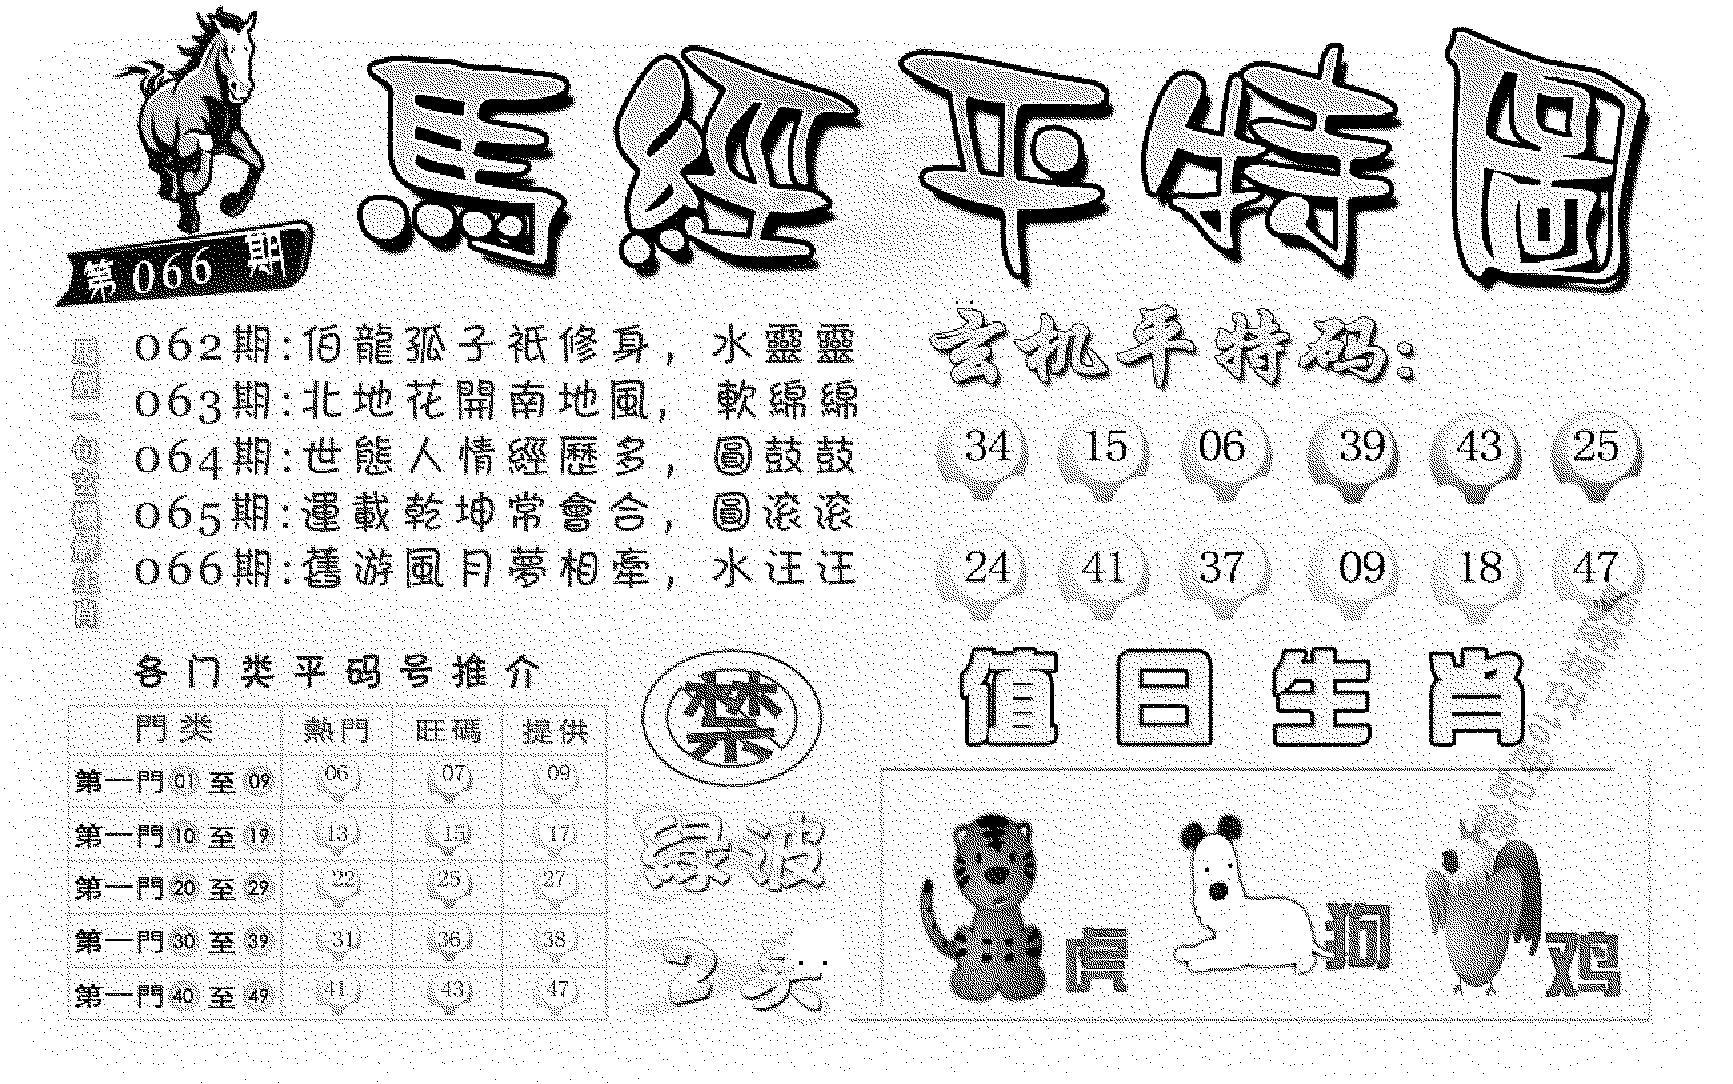 066期马经平特图(黑白)